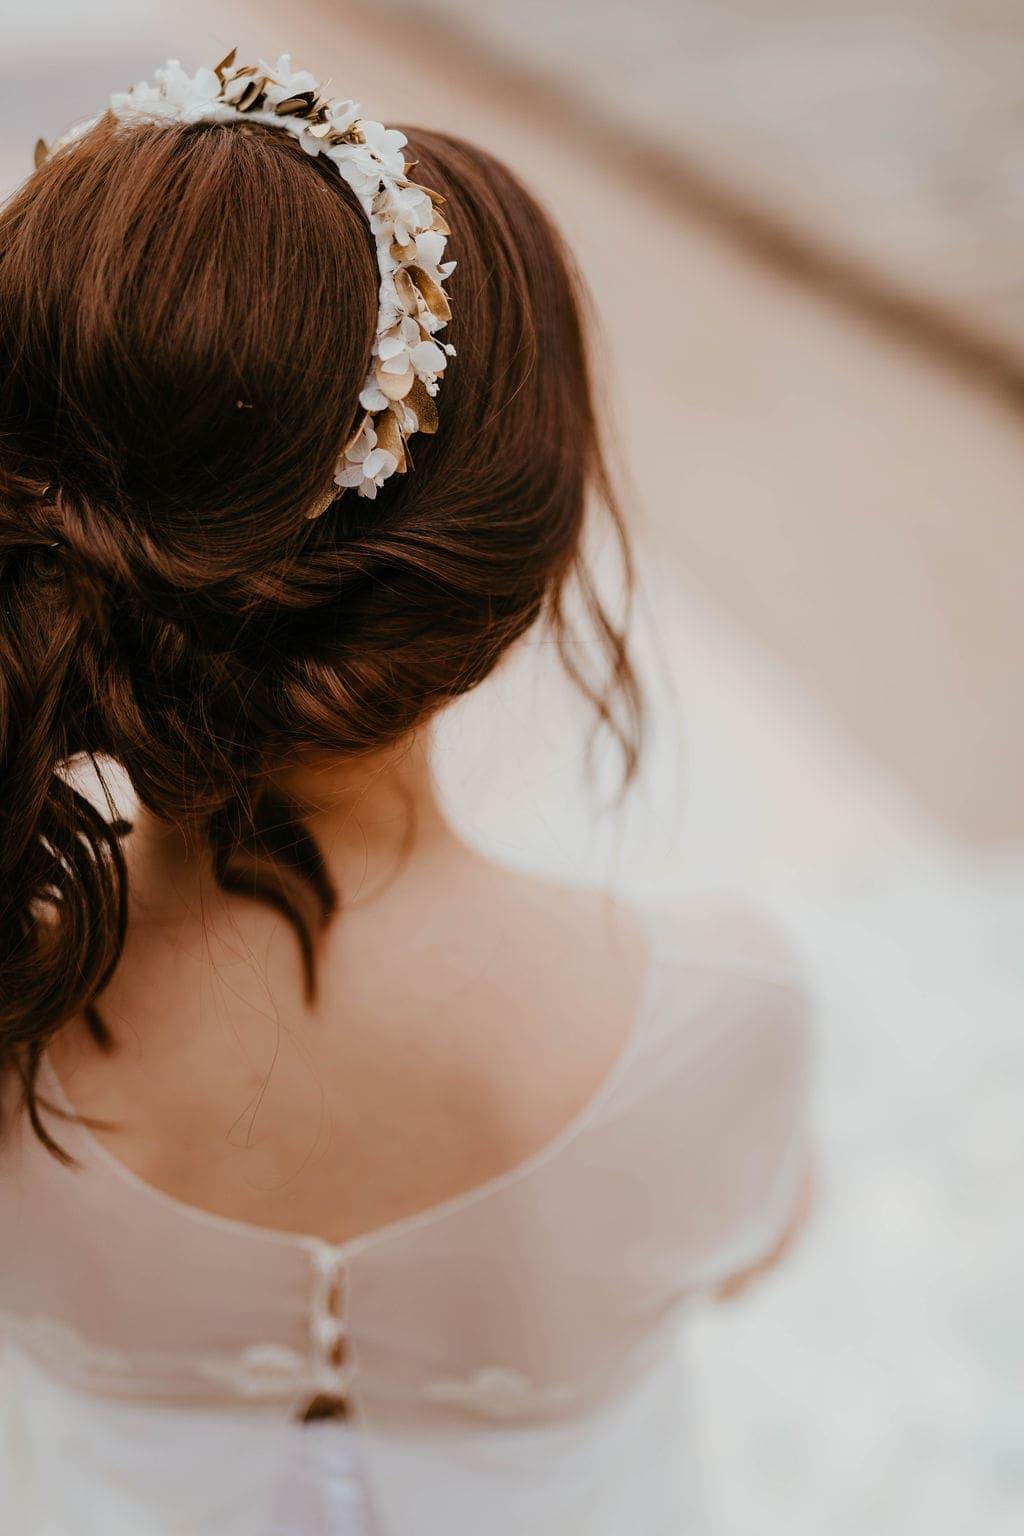 Headband de fleurs Ori - Anaïs Nannini - Les Fleurs Dupont - Serre-tête doré